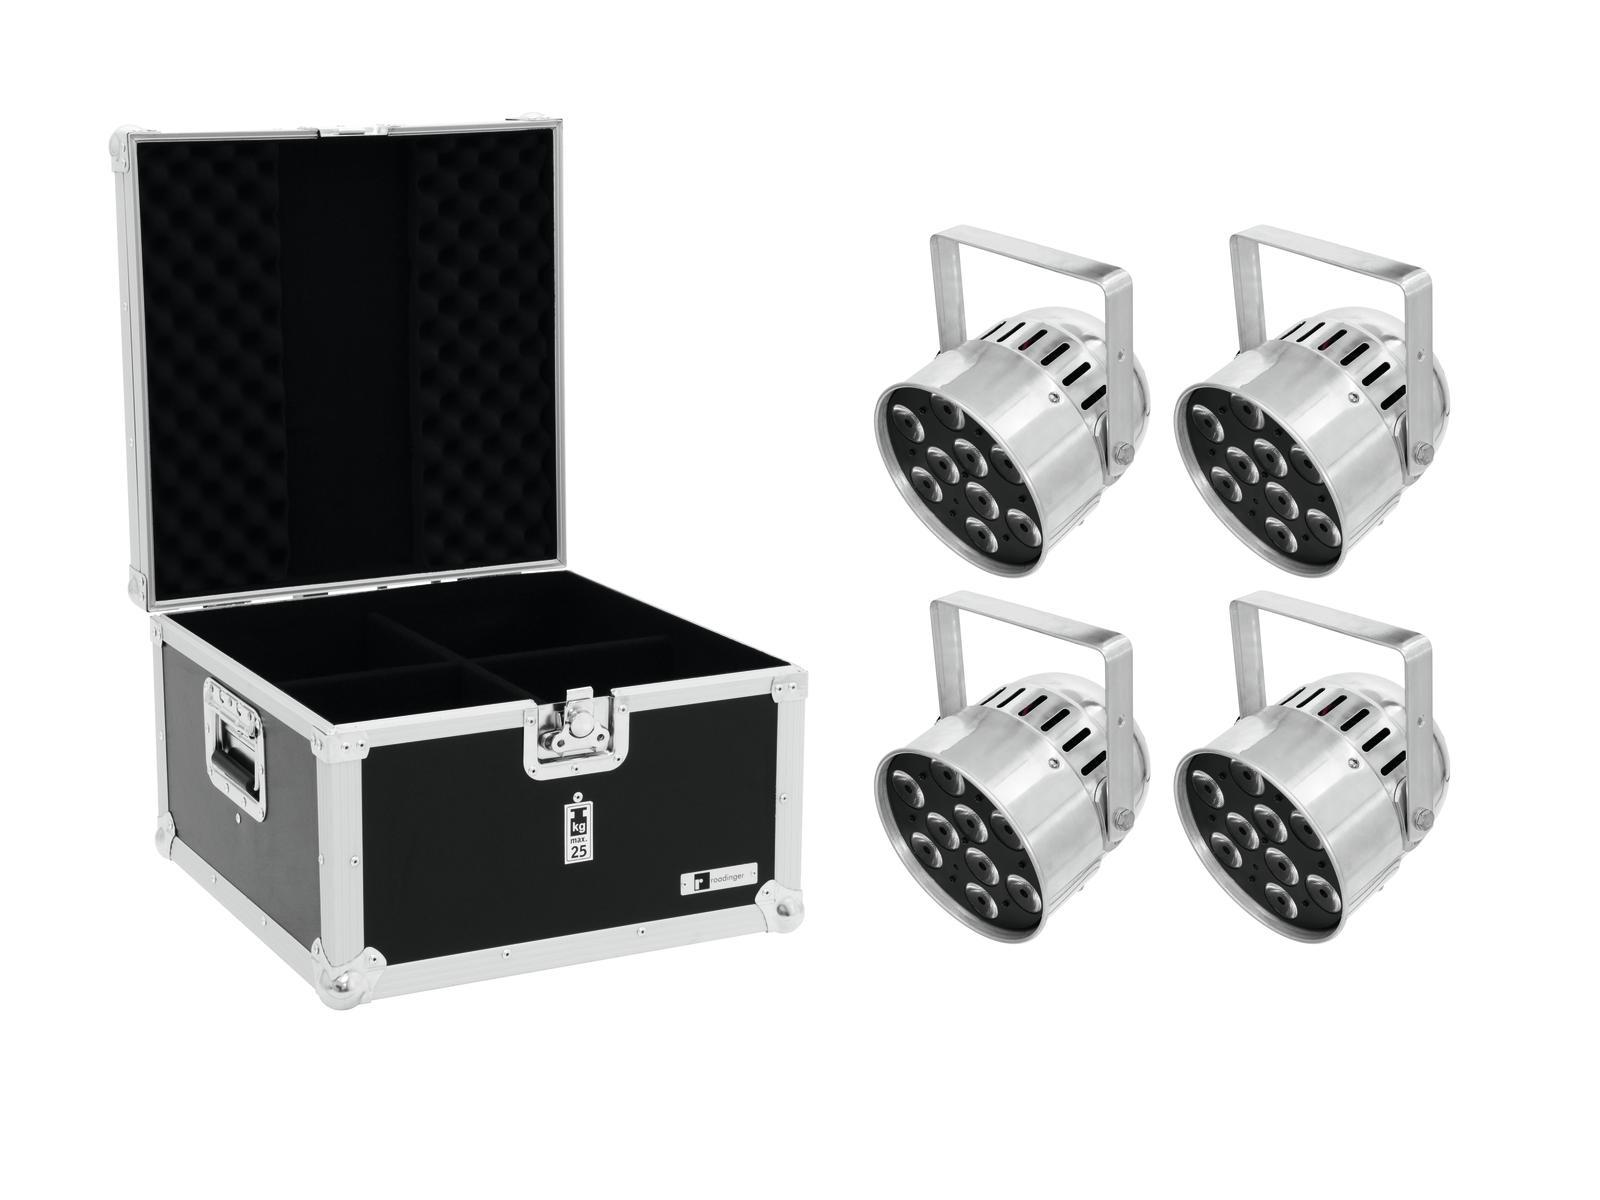 eurolite-set-4x-led-par-56-hcl-short-sil-eps-case